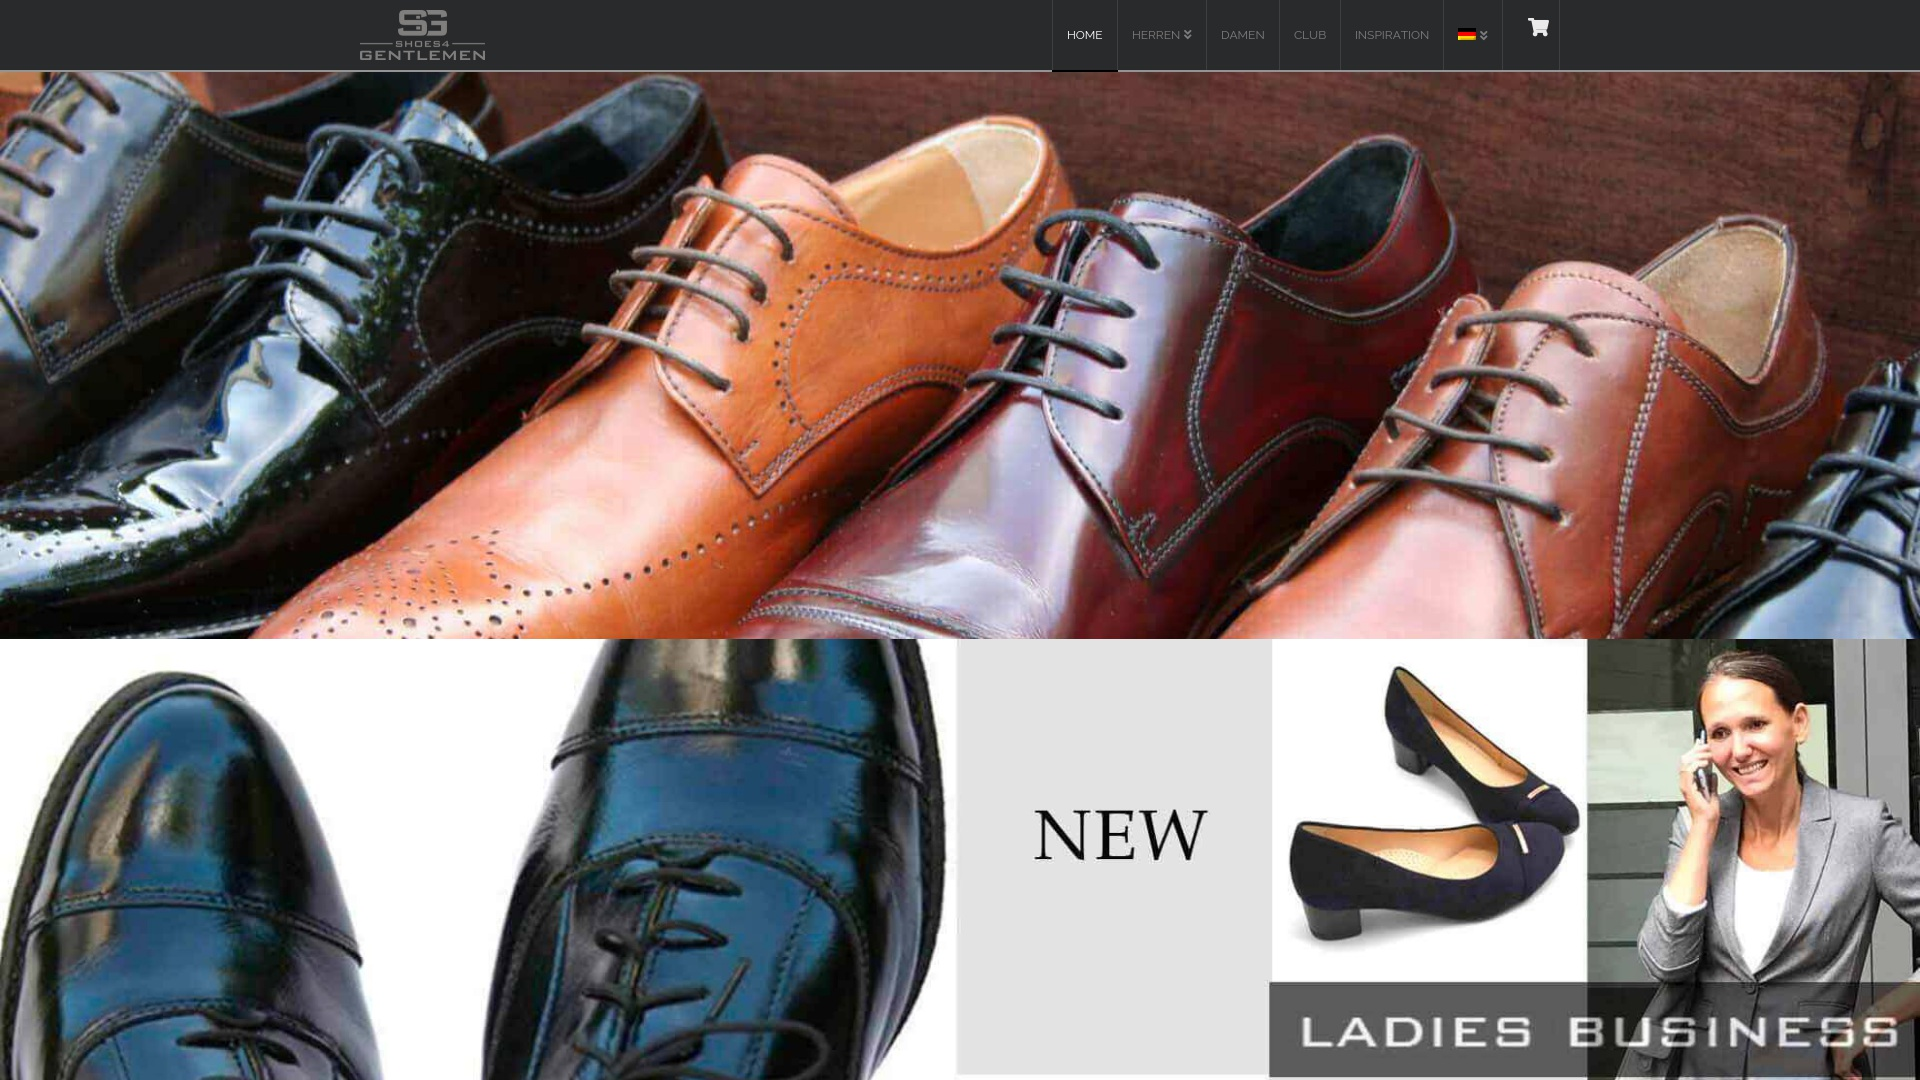 Gutschein für Shoes4gentlemen: Rabatte für  Shoes4gentlemen sichern